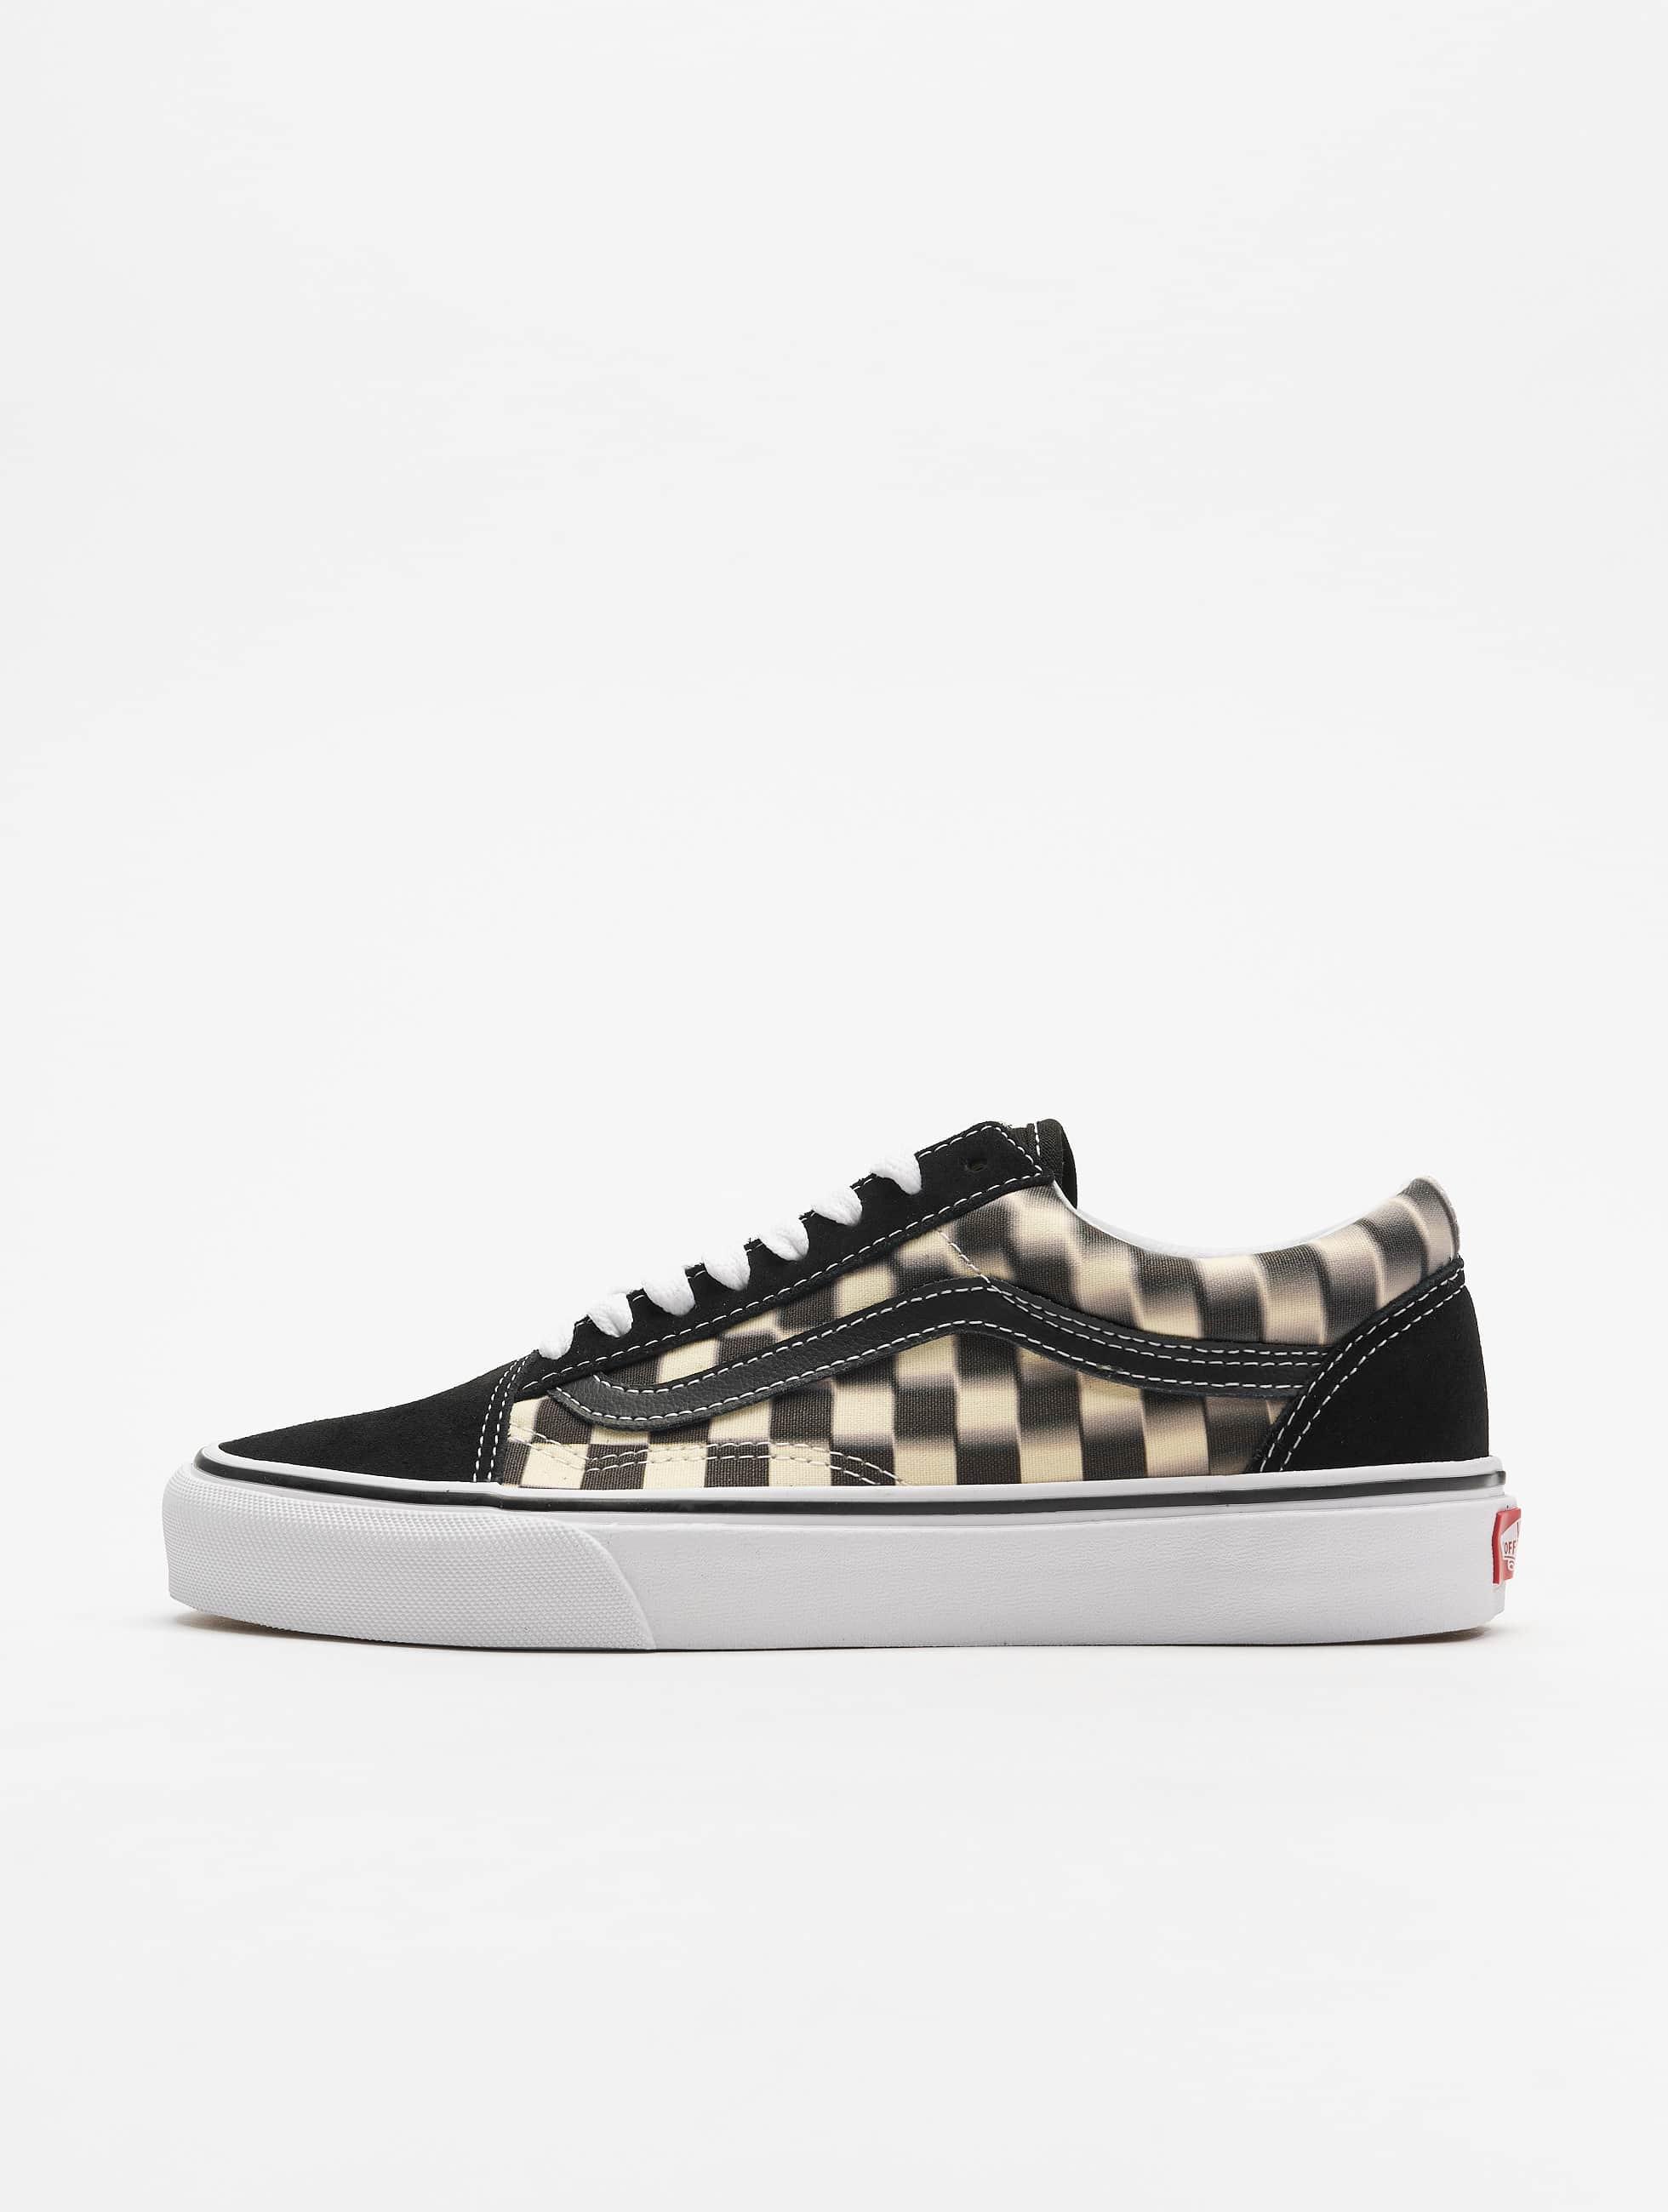 30ad4d0f3e6 Vans schoen / sneaker UA Old Skool in zwart 632212